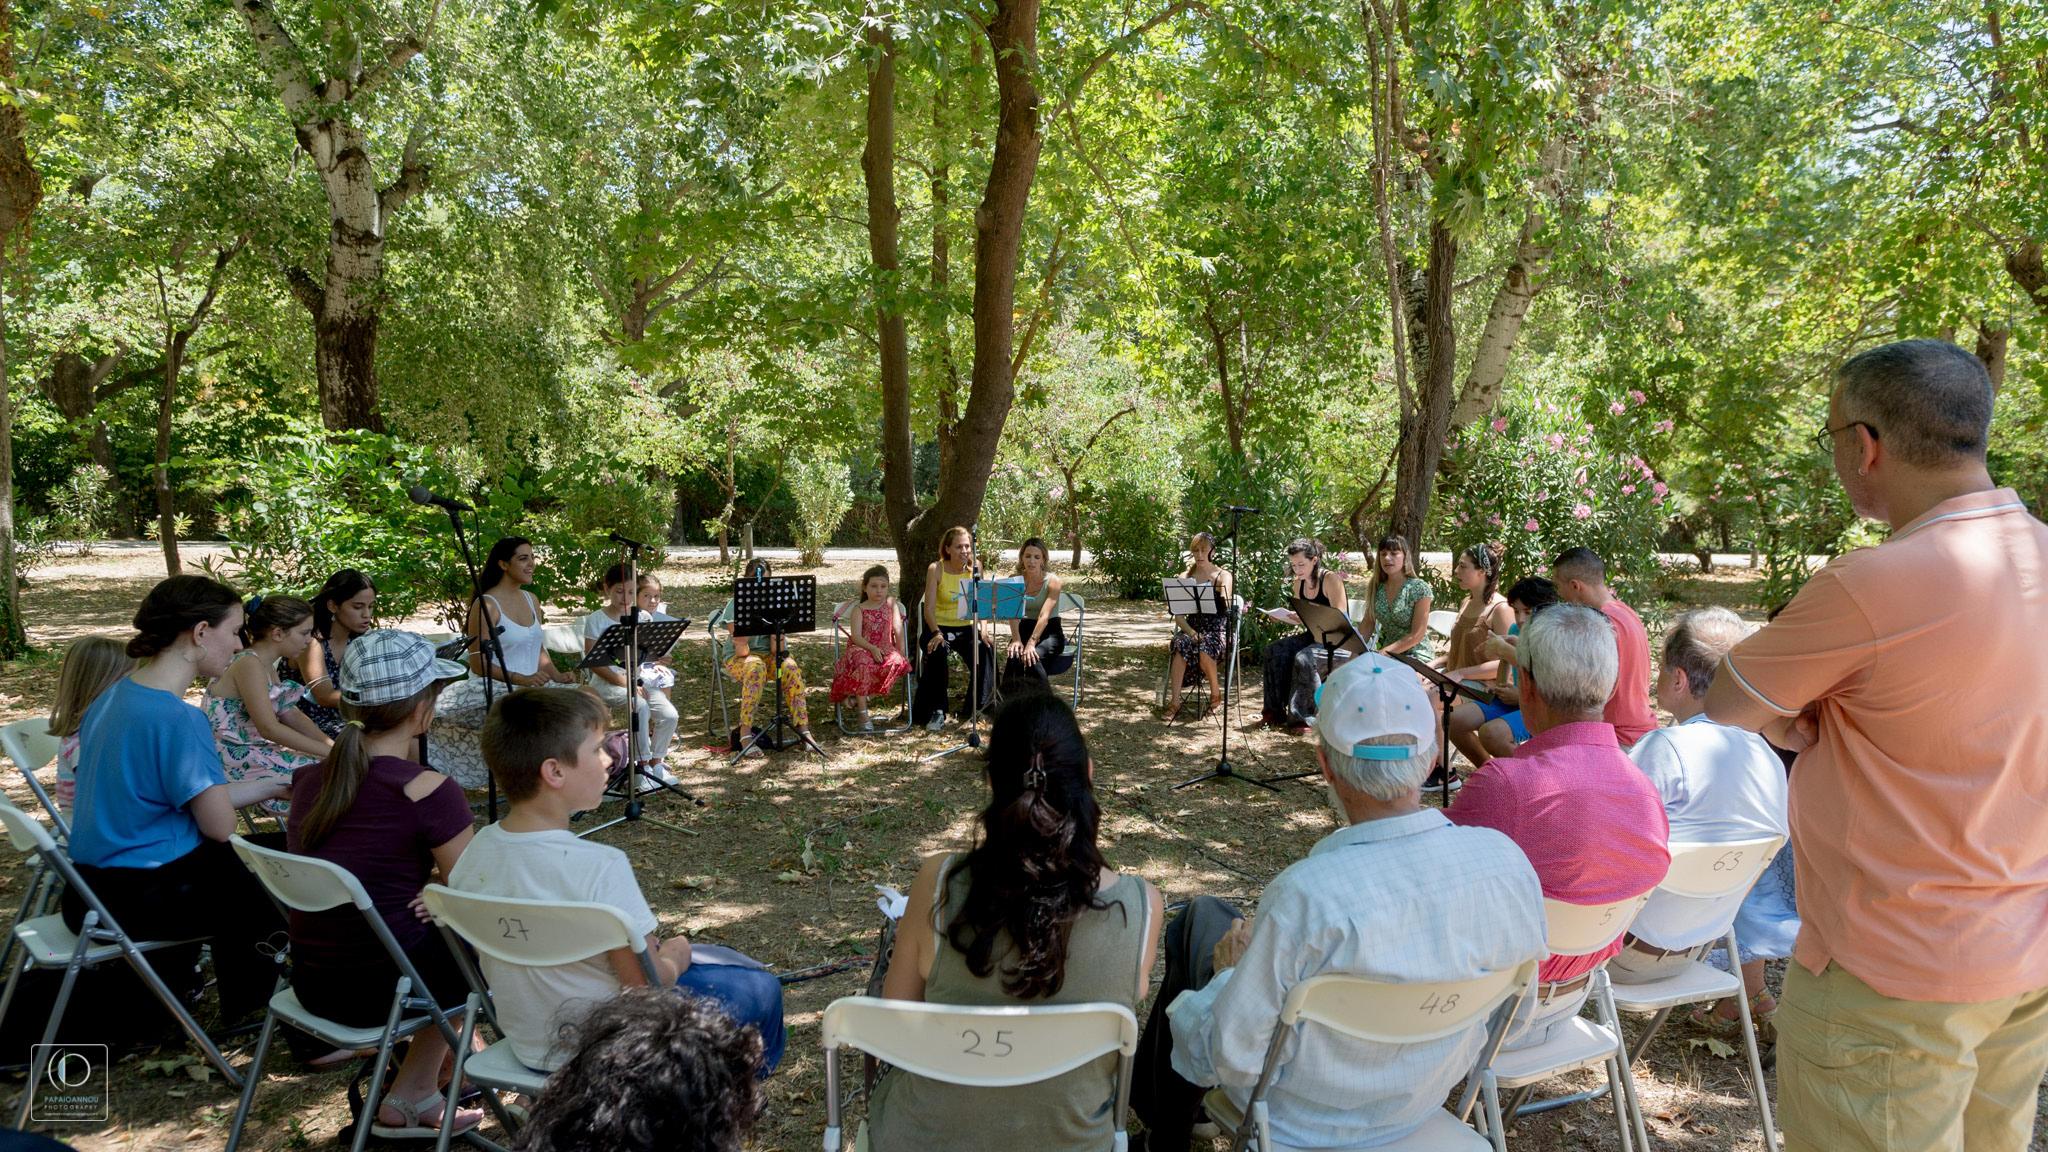 Διεθνές Φεστιβάλ Τεχνών Αρχαίας Ολυμπίας - Εκπαιδευτικές & Κοινωνικές Δράσεις της ΕΛΣ- Ο συναρπαστικός χώρος του μουσικού θεάτρου από τη Λυρική στην Ολυμπία (photos)